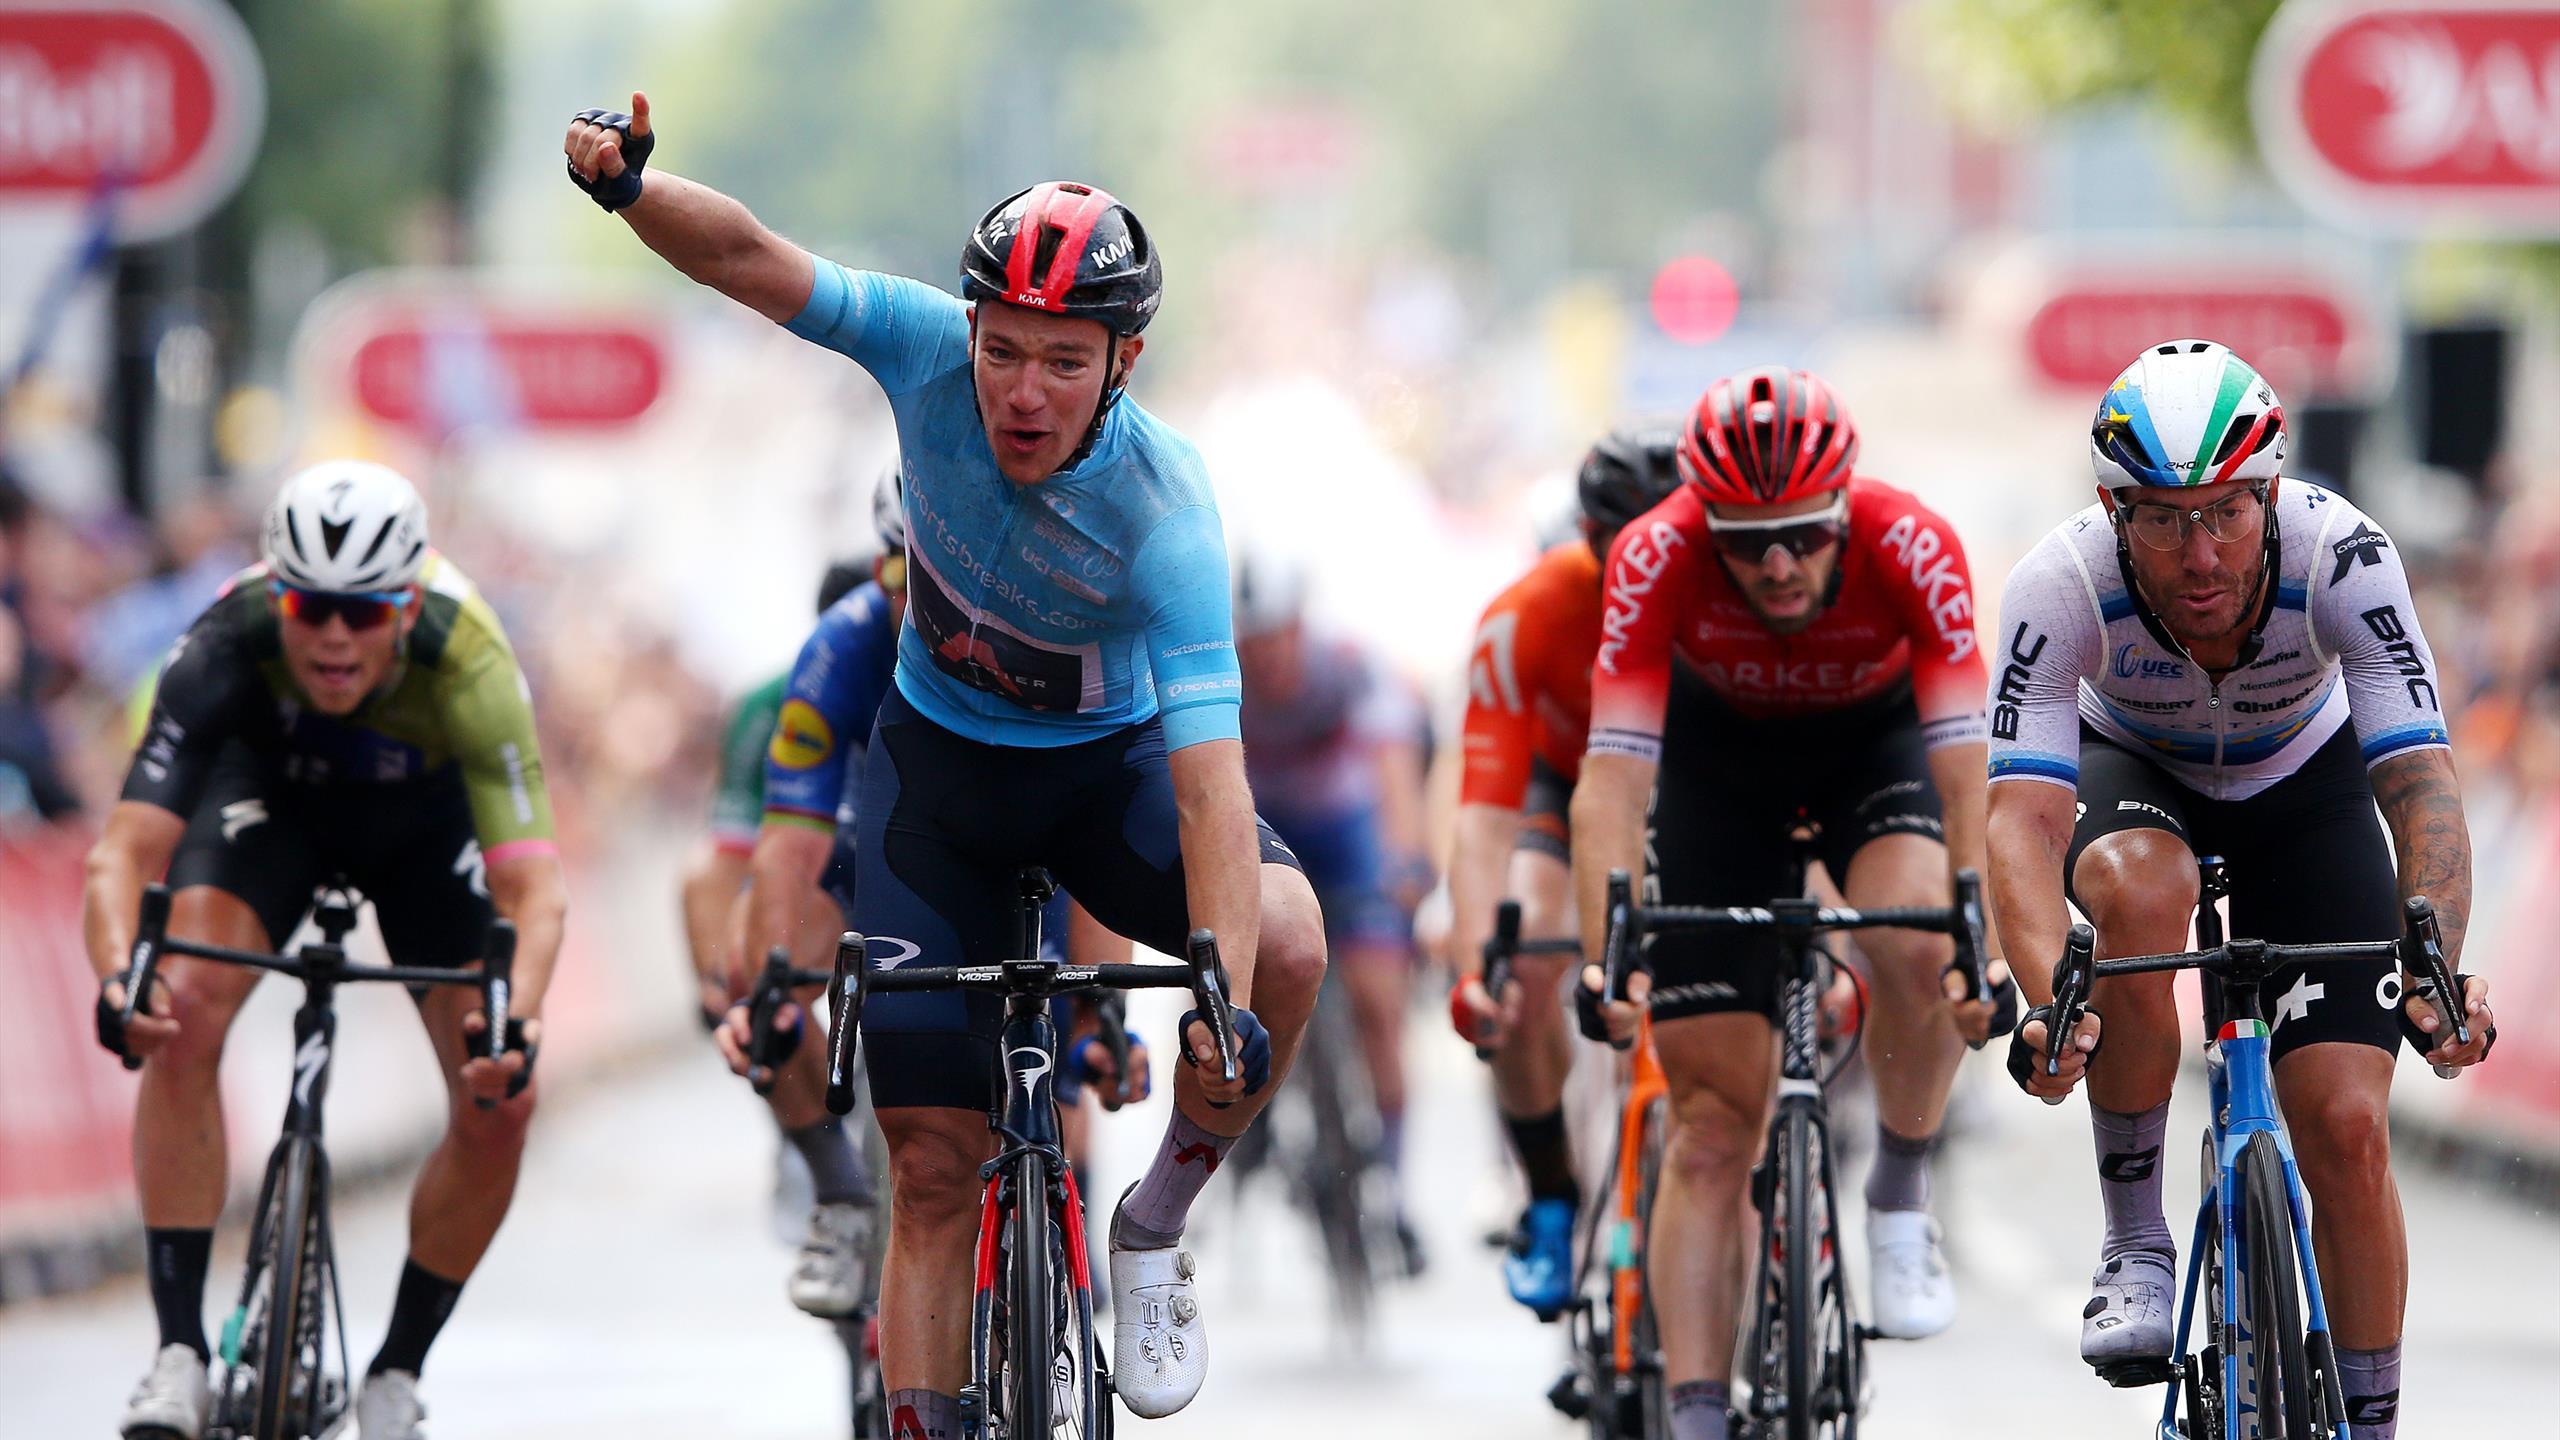 Ethan Hayter vence a etapa 5 do Tour of Britain e regressa à liderança da geral!